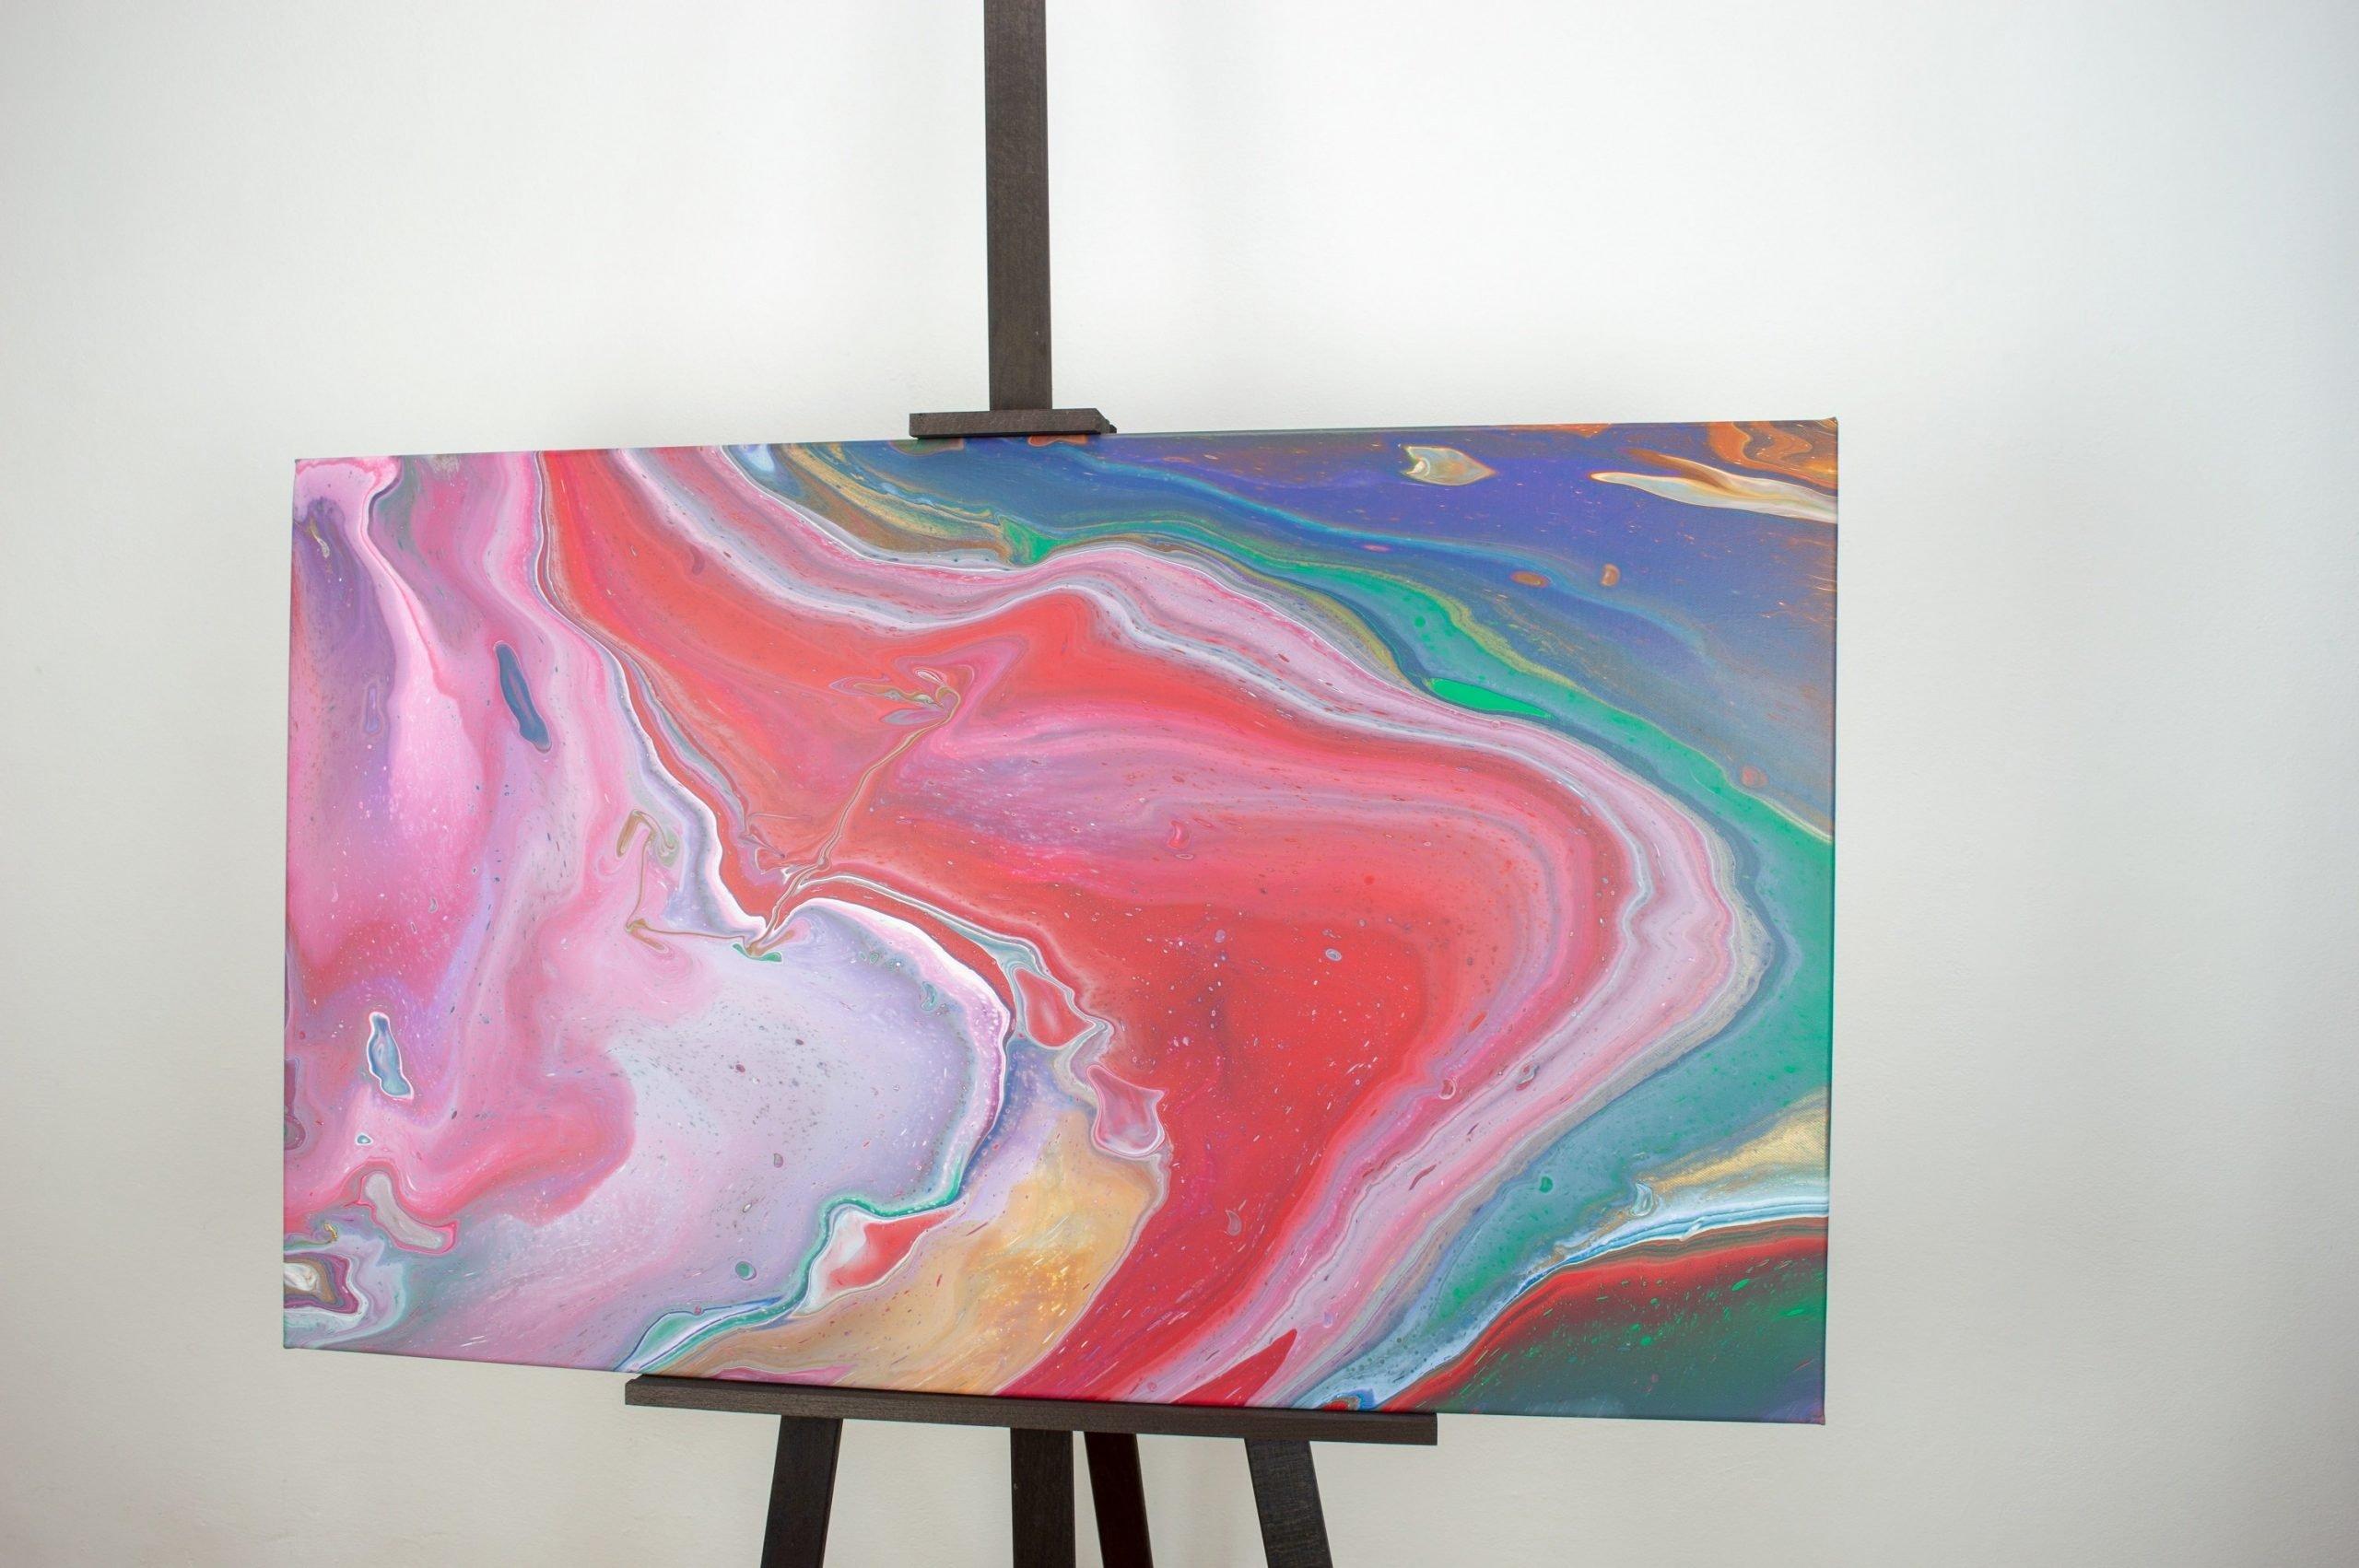 Abstract Art painting meerschaum 100cm x 60cm